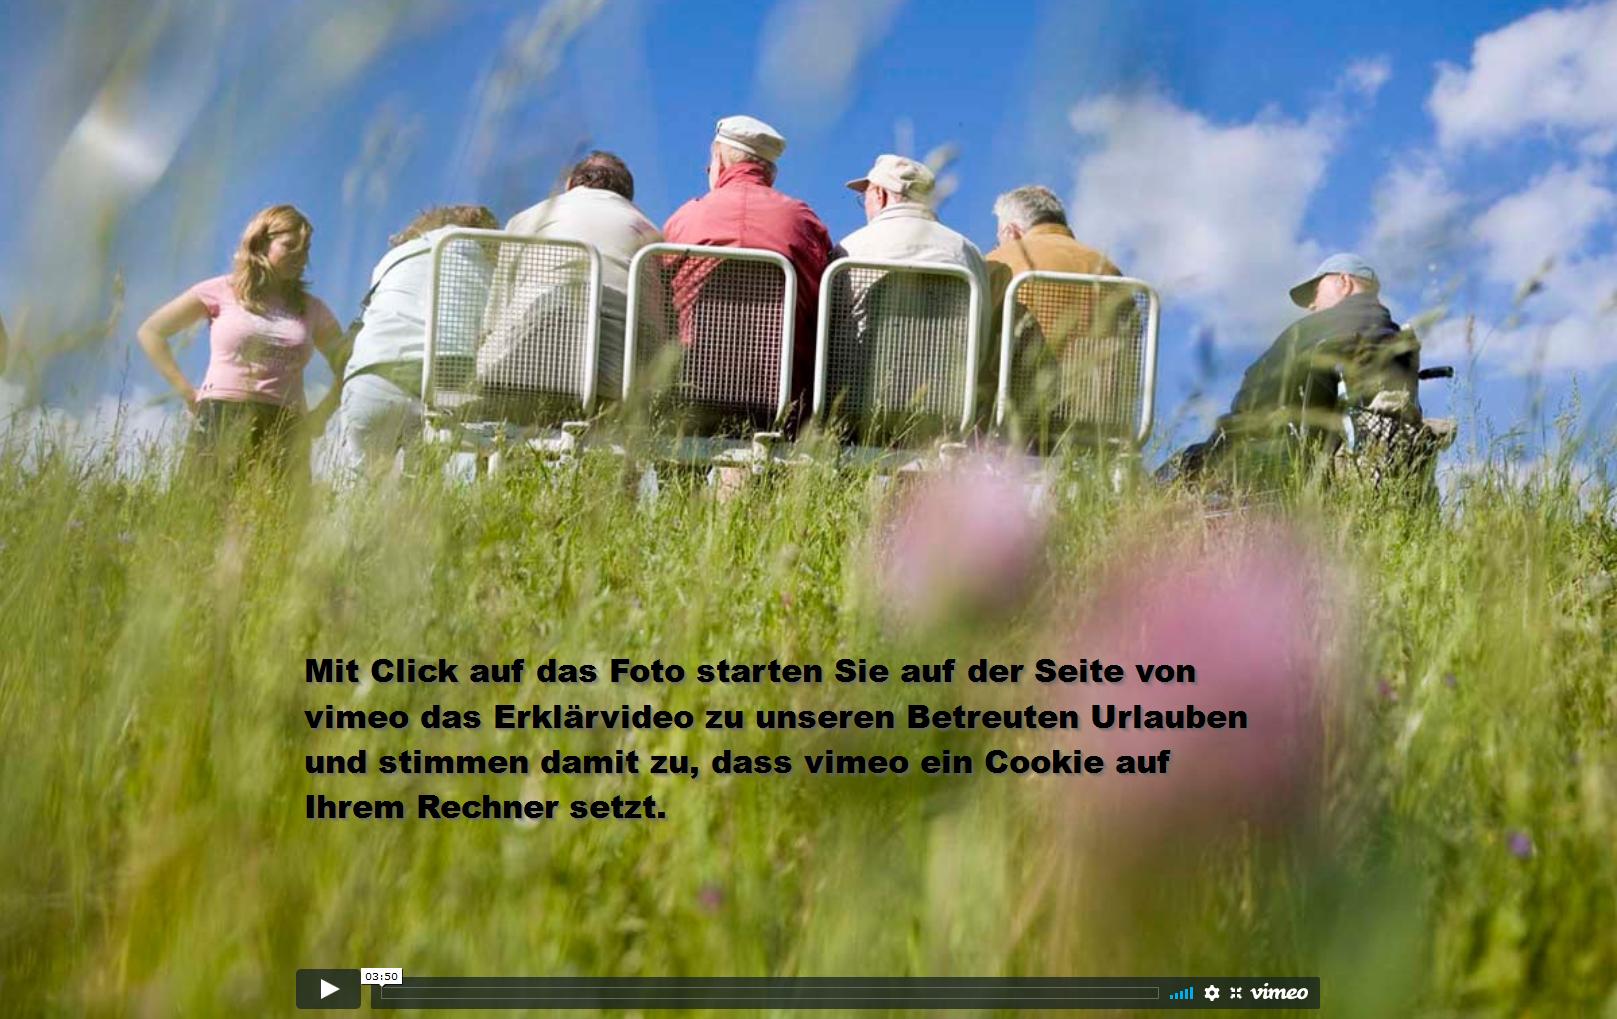 Mit Click auf das Bild starten Sie auf der Seite vin vimeao das fast vierminütige Erklärvideo zu unseren Betreuen Urlauben und stimmen zu, dass vimeo auf Ihrem Rechner ein Cookie setzt.